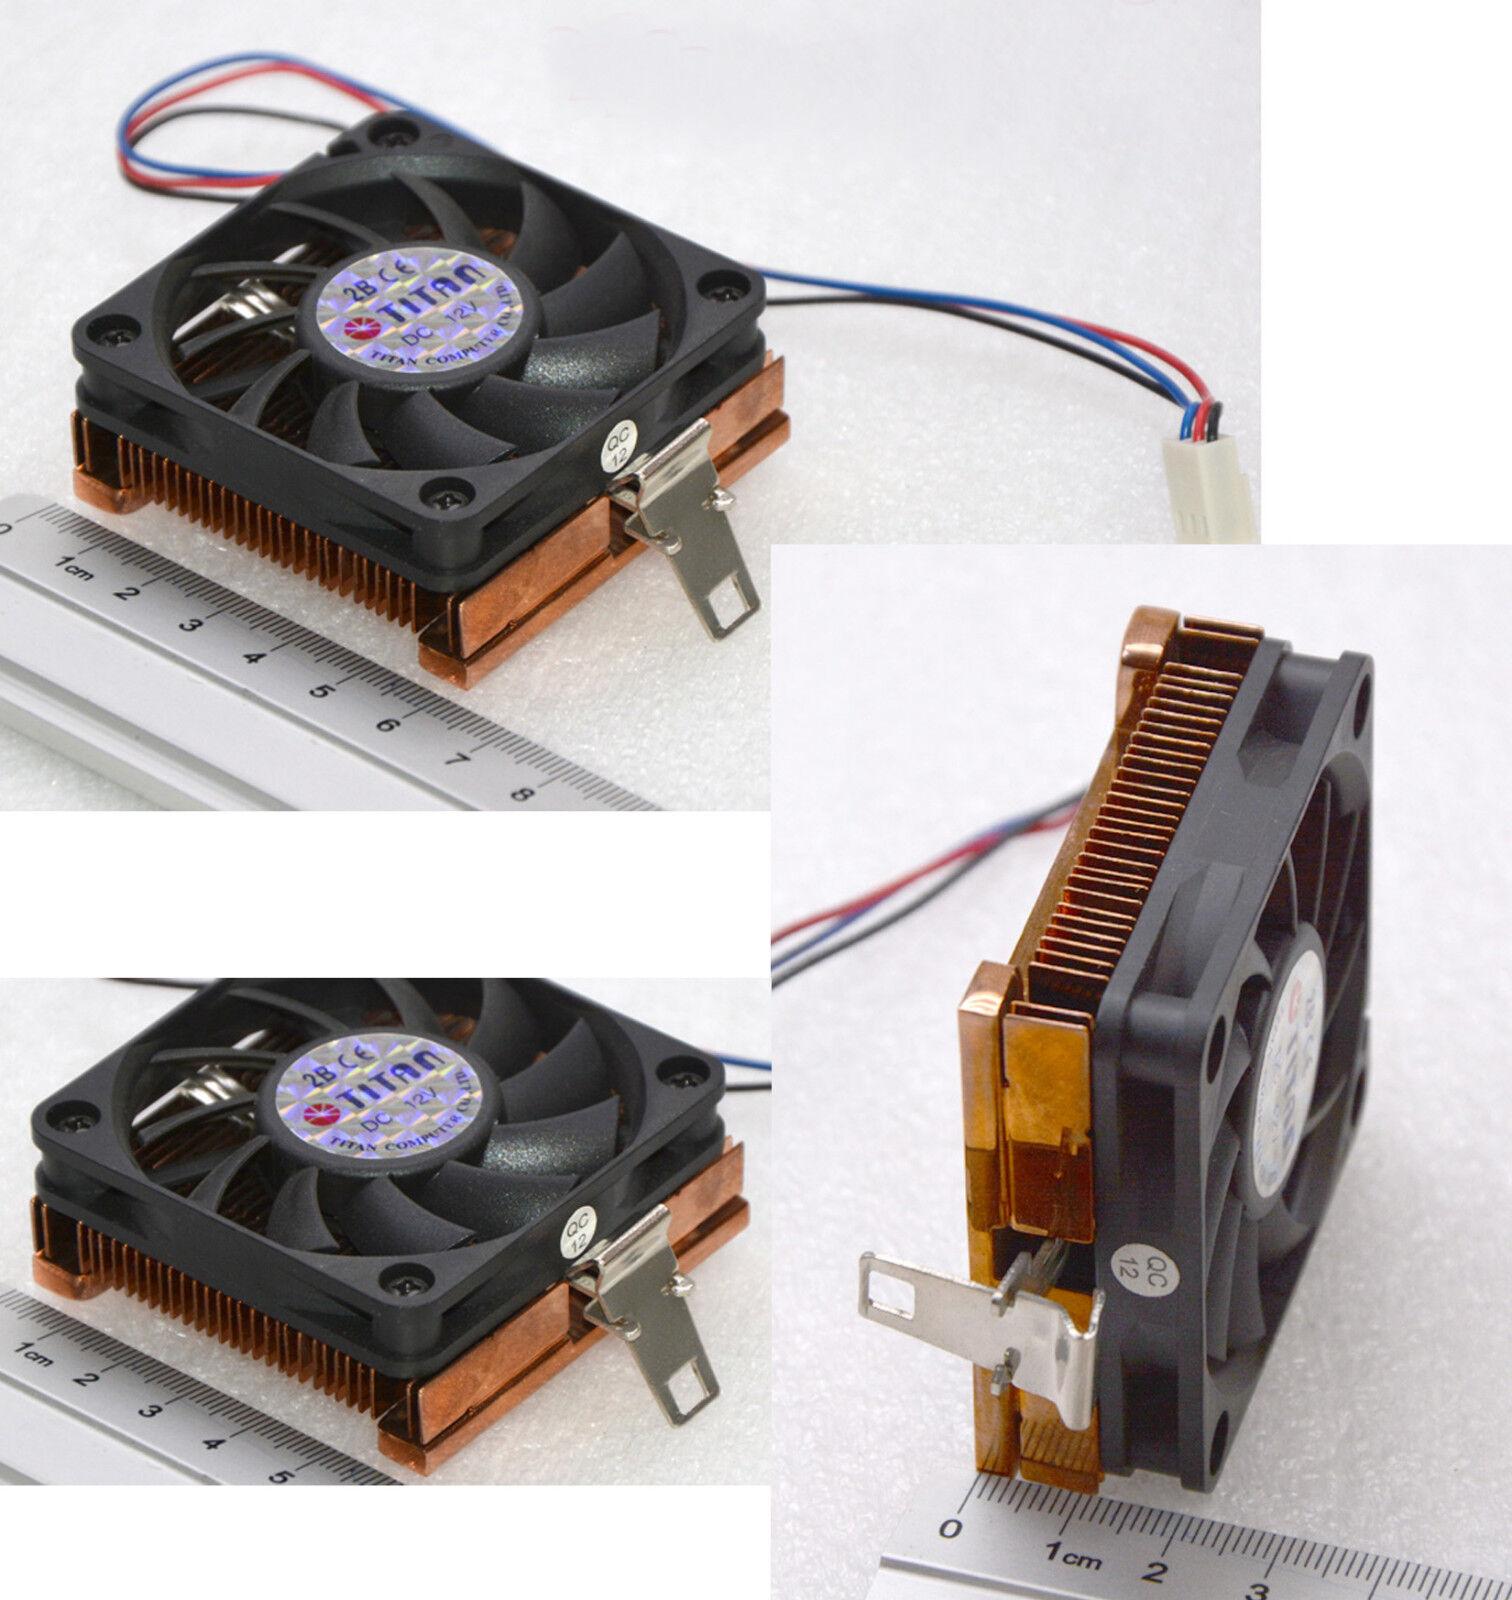 Cooper 60x60mm of solid copper cooler socket 370 pentium II 22mm flat